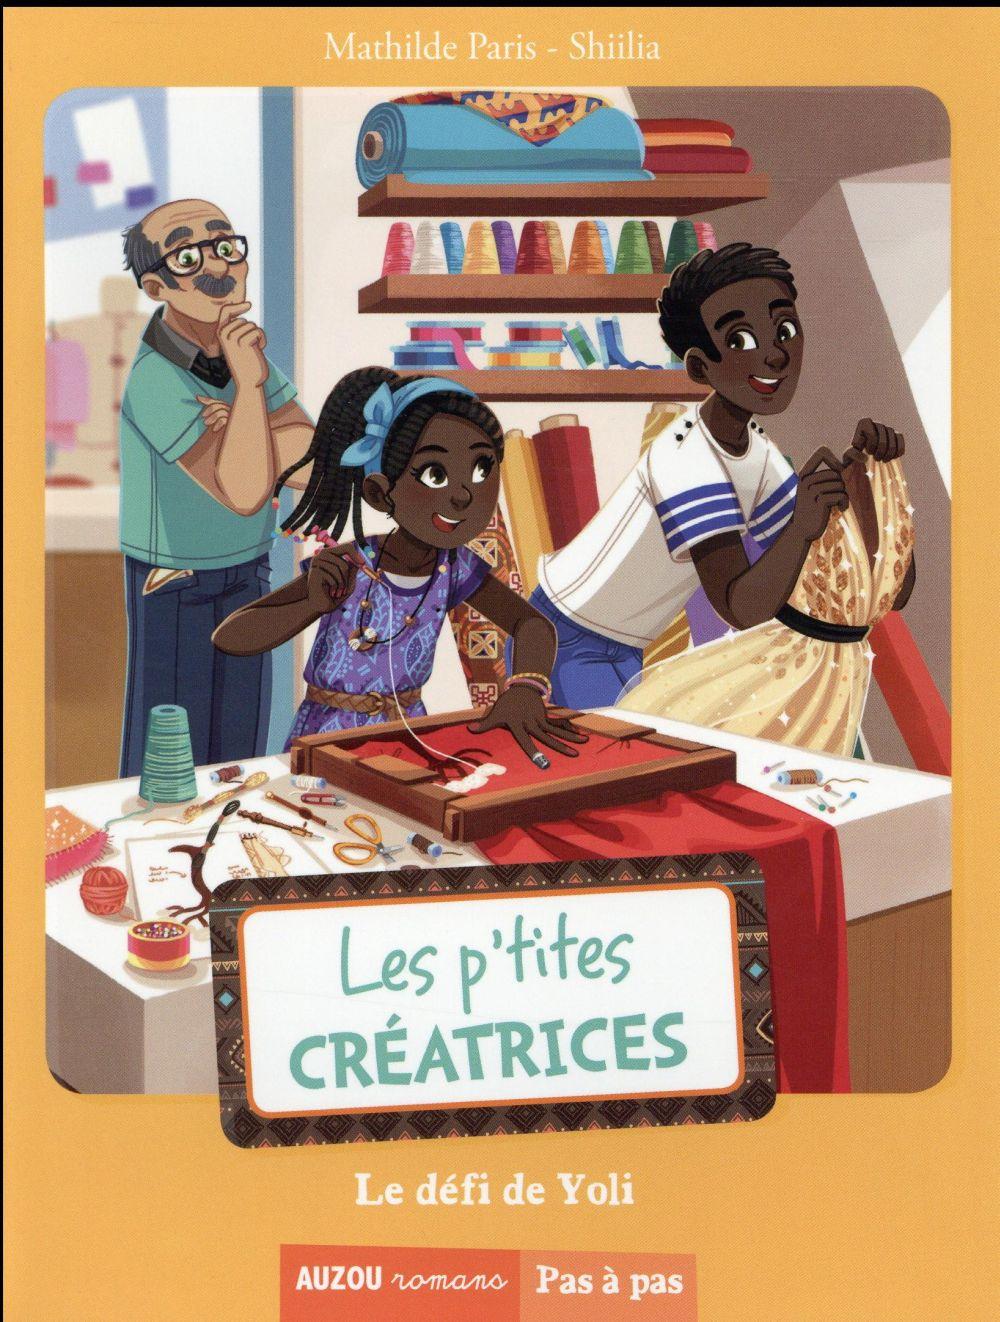 Paris Mathilde - LES P'TITES CREATRICES - TOME 6 -  LE DEFI DE YOLI (COLL. PAS A PAS)